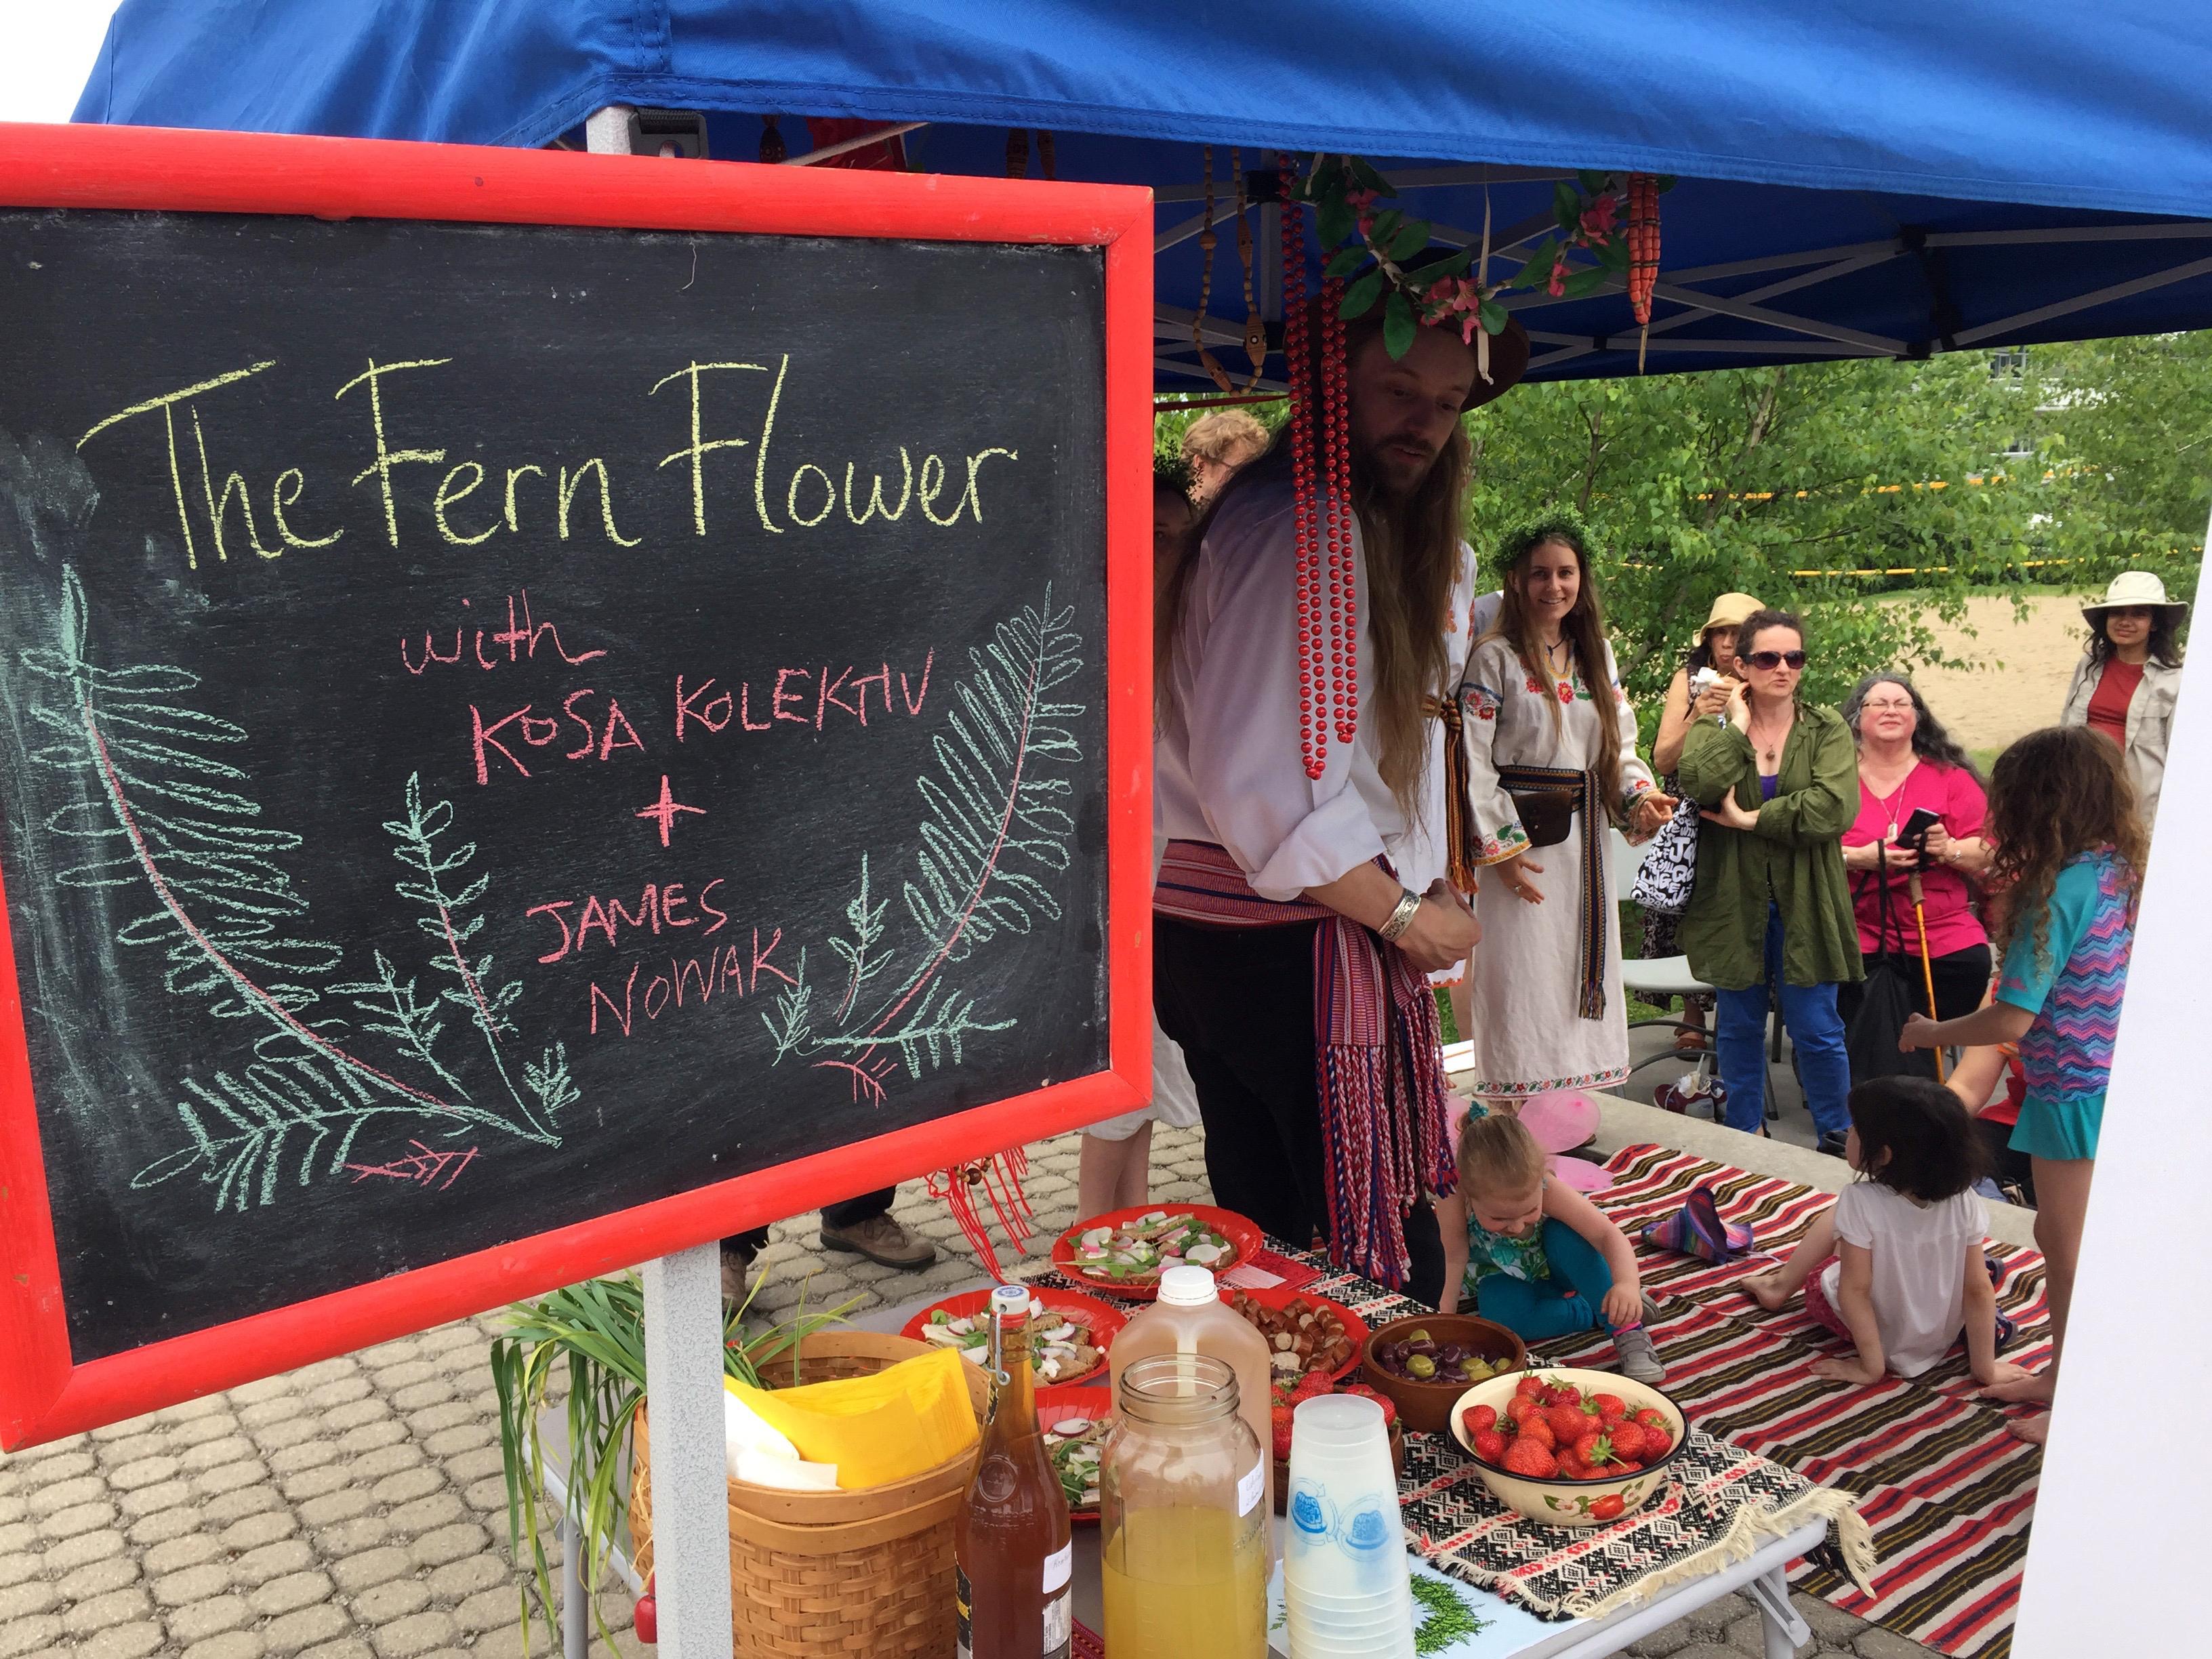 Fern Flower – Storytelling at Wychwood Park